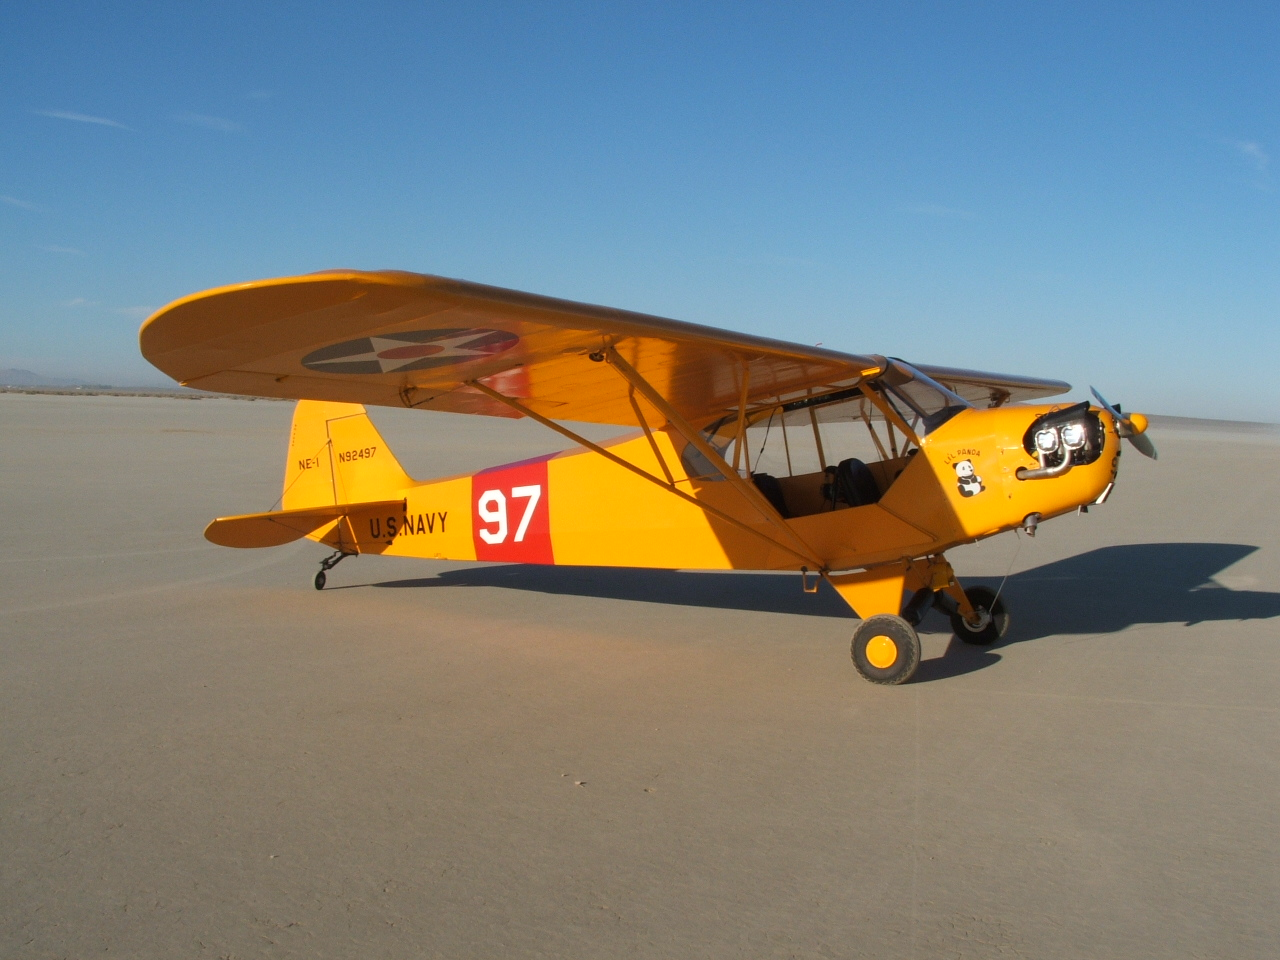 NC92497-7-Cub at El Mirage #1